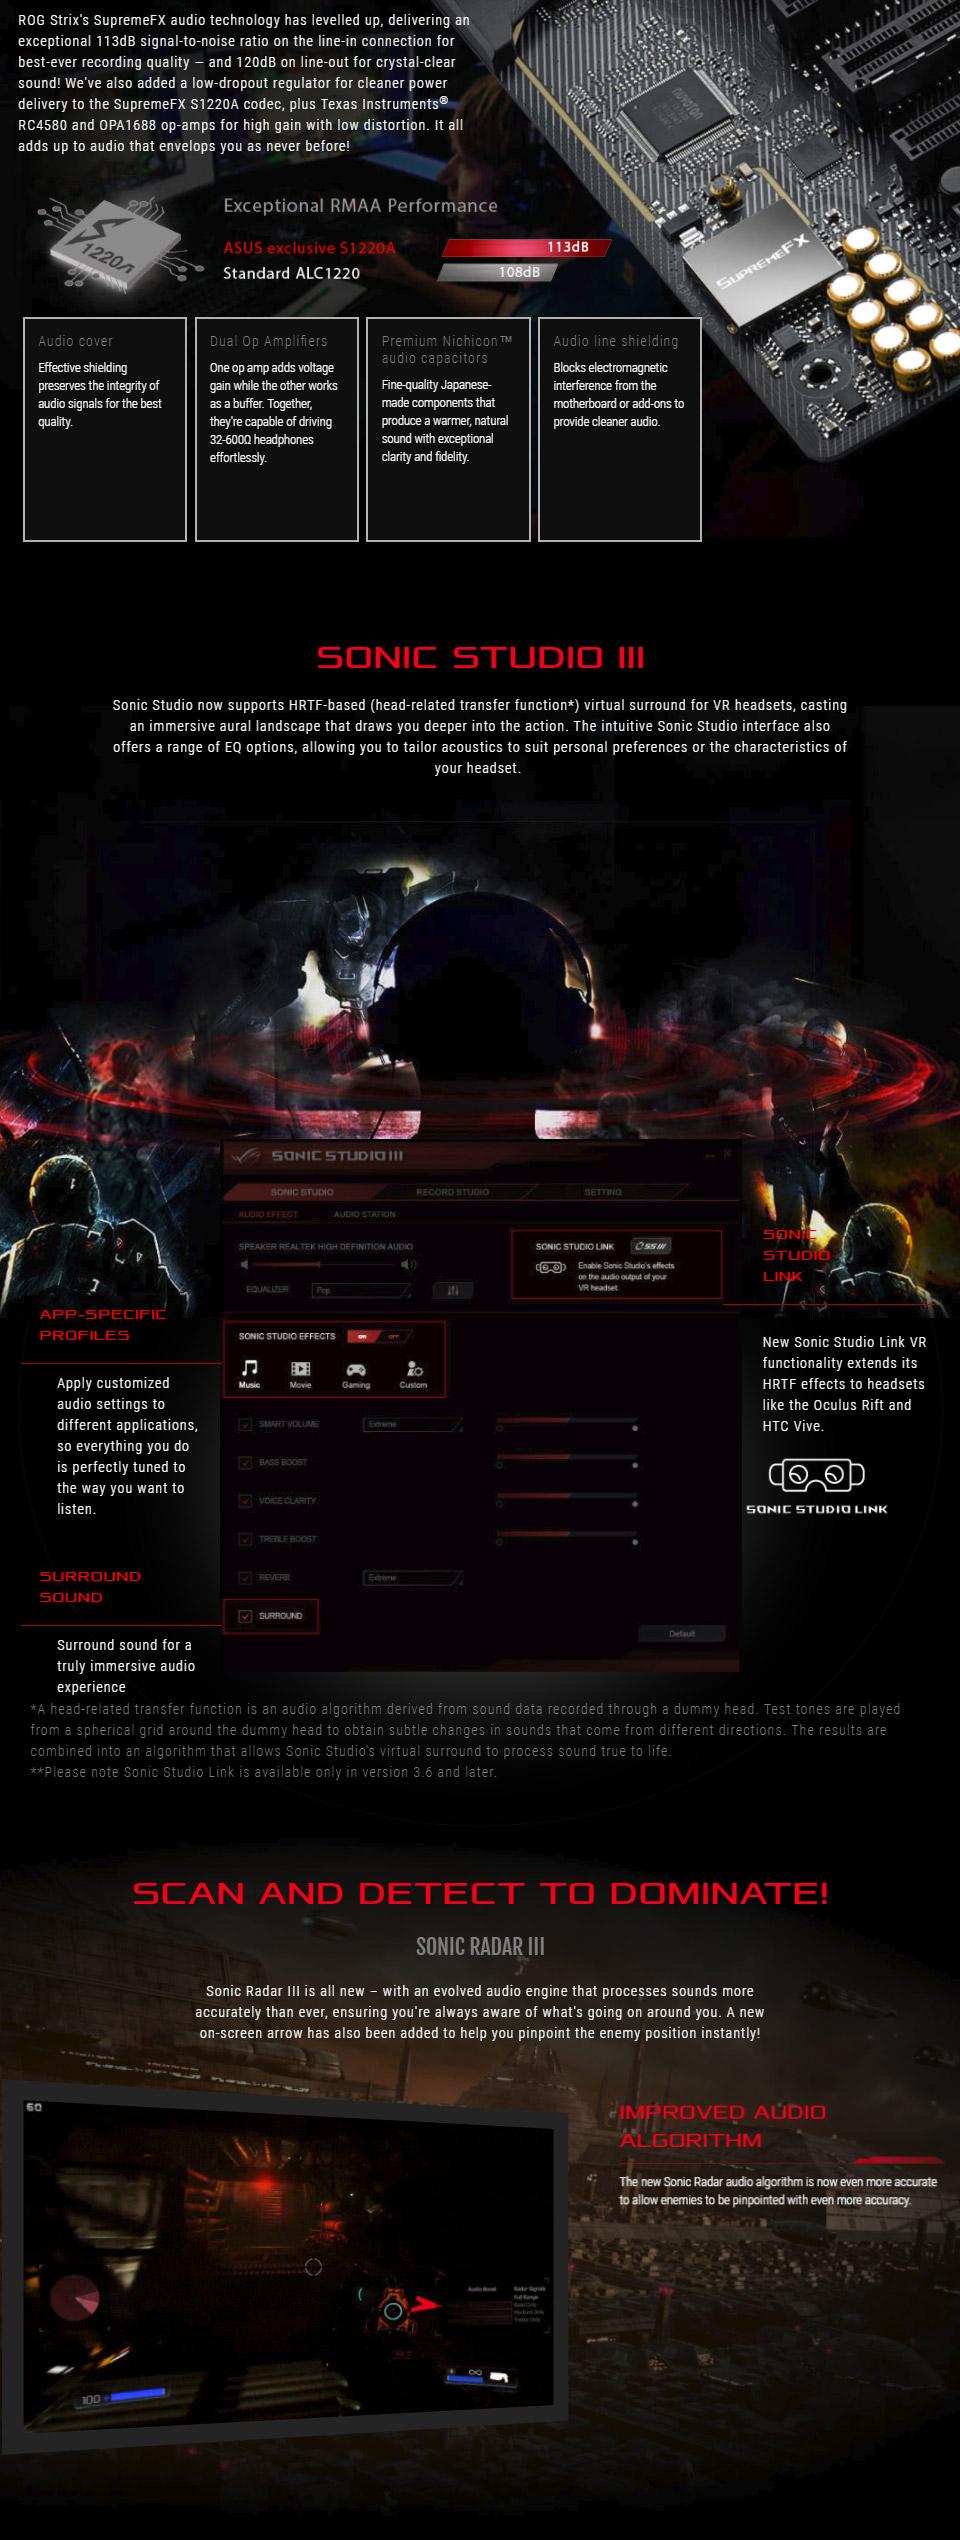 ASUS ROG Strix Z370-F Gaming Motherboard [ROG-STRIX-Z370-F